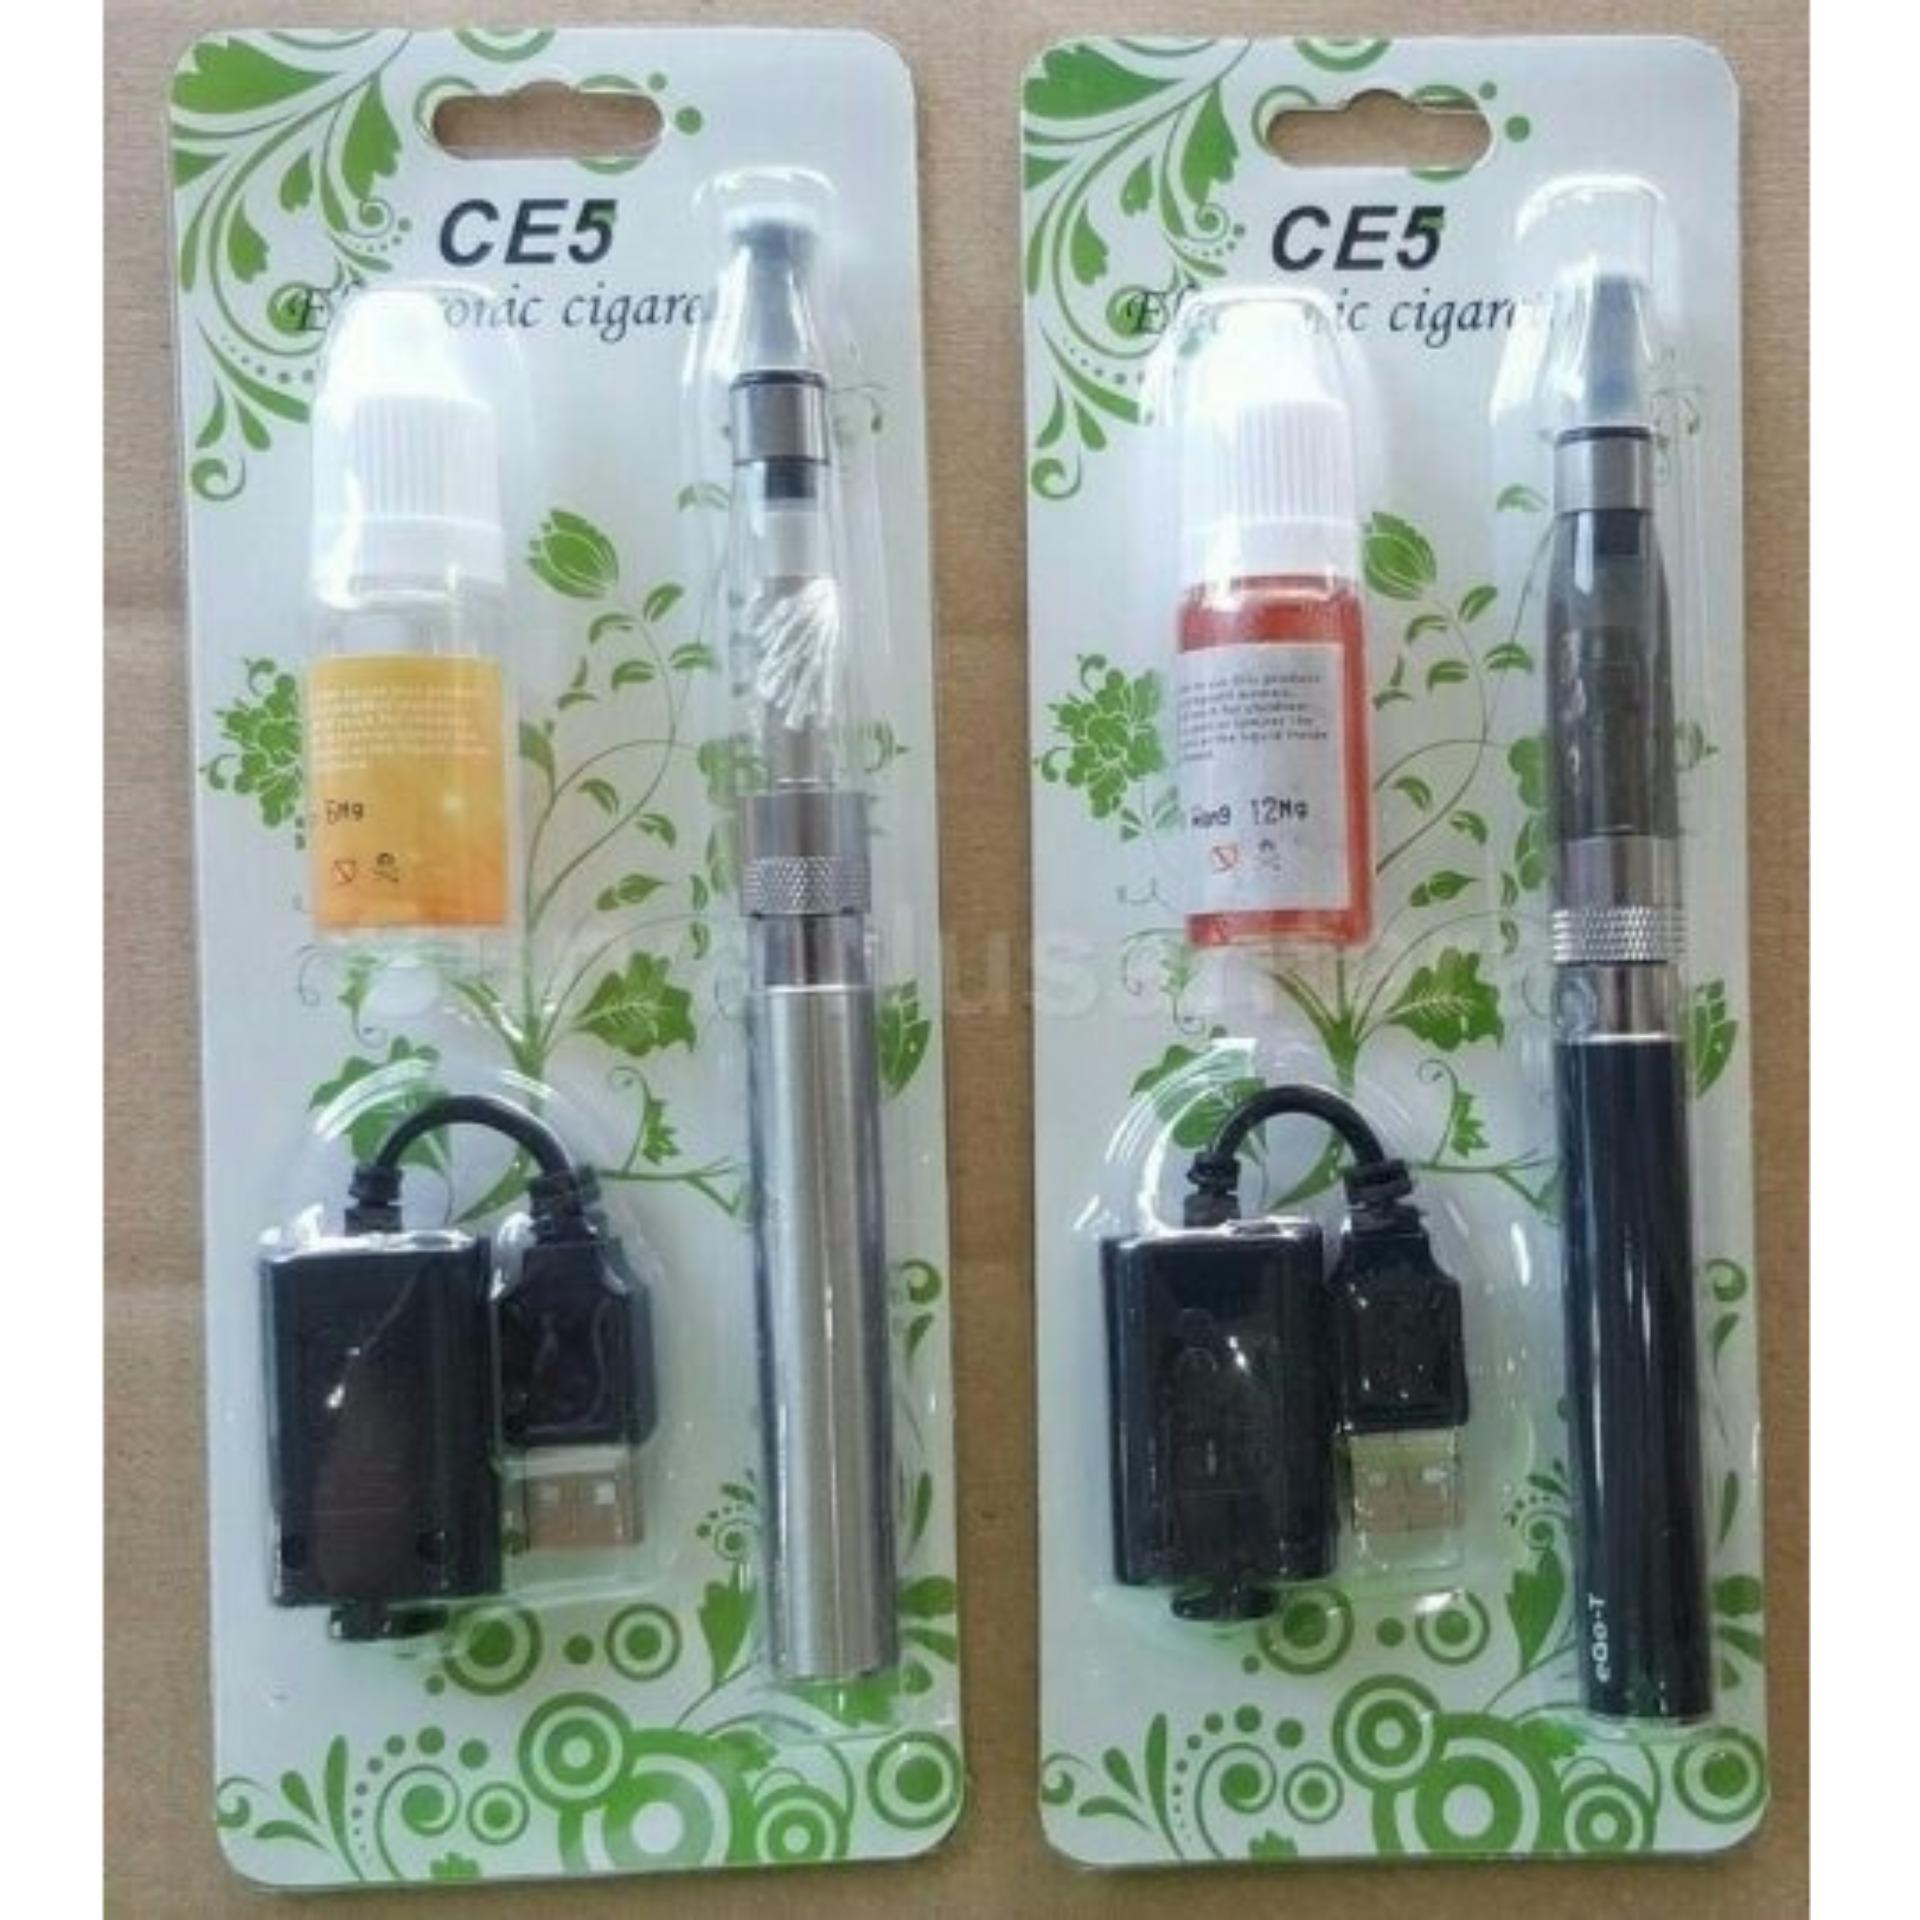 Thuốc lá điện tử CE5 có tinh dầu